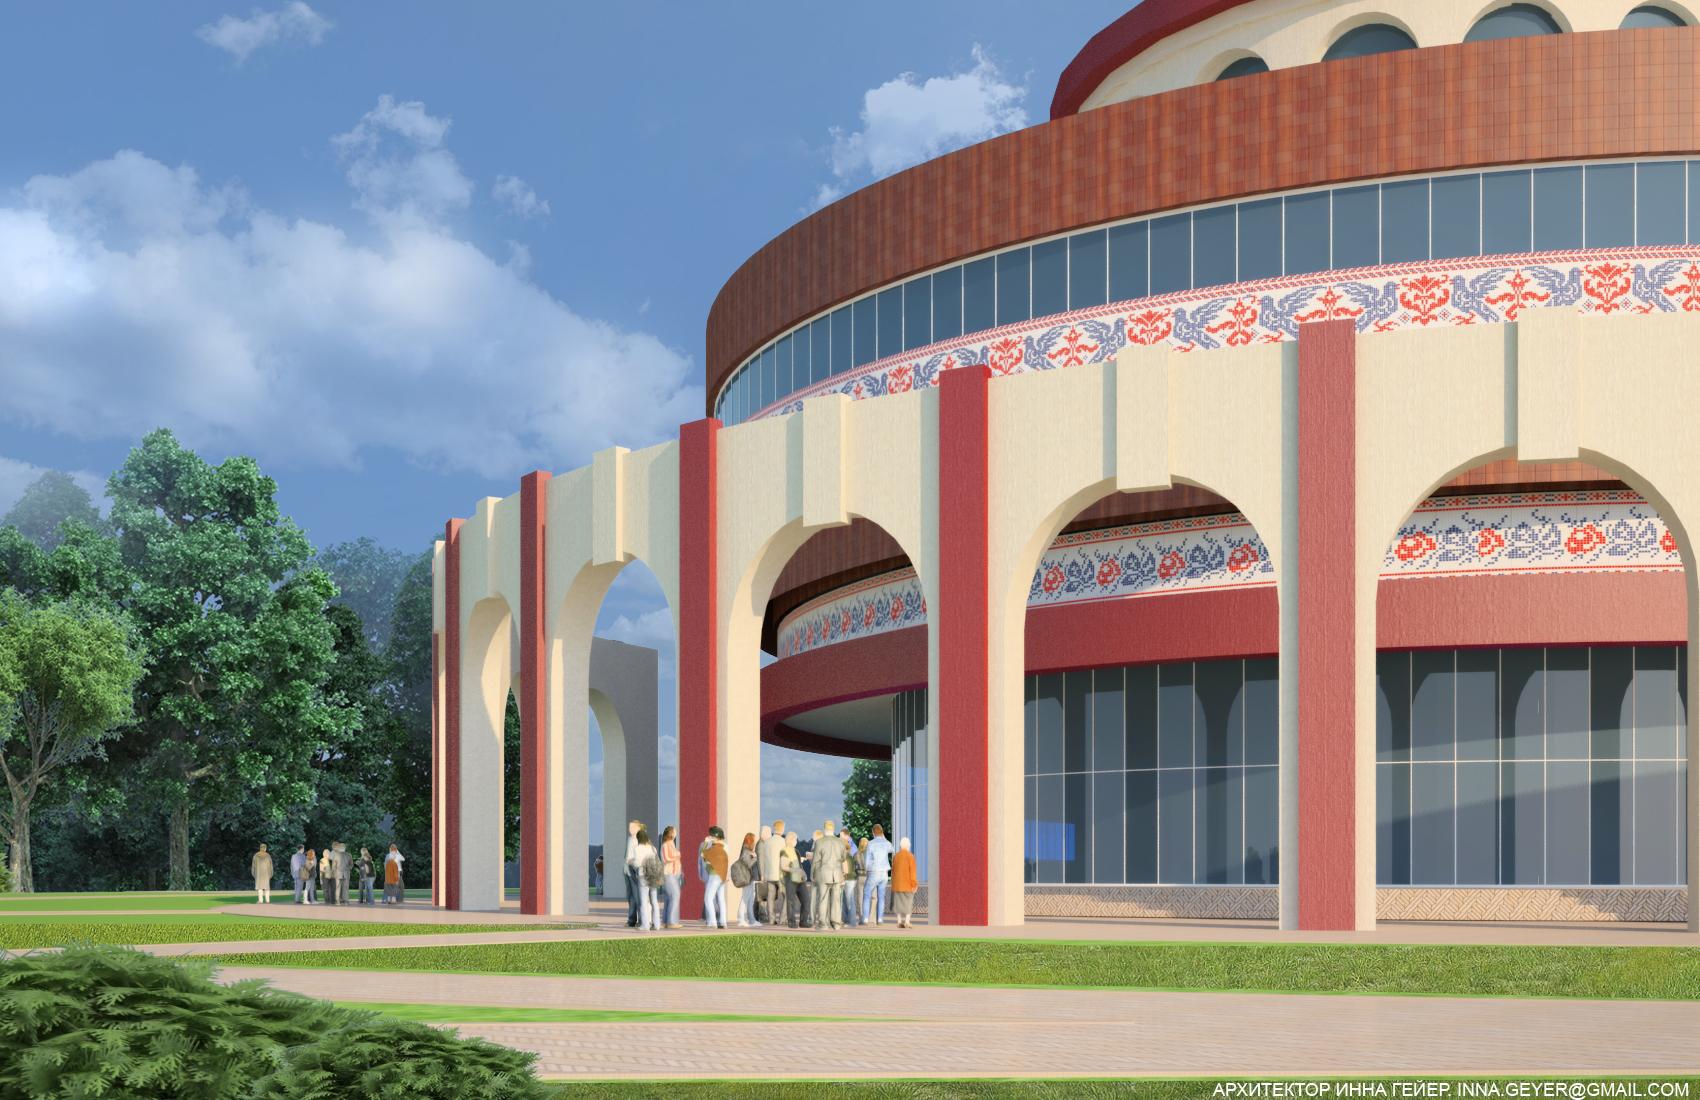 Разработка архитектурной концепции театра оперы и балета фото f_14652f4dad126918.jpg